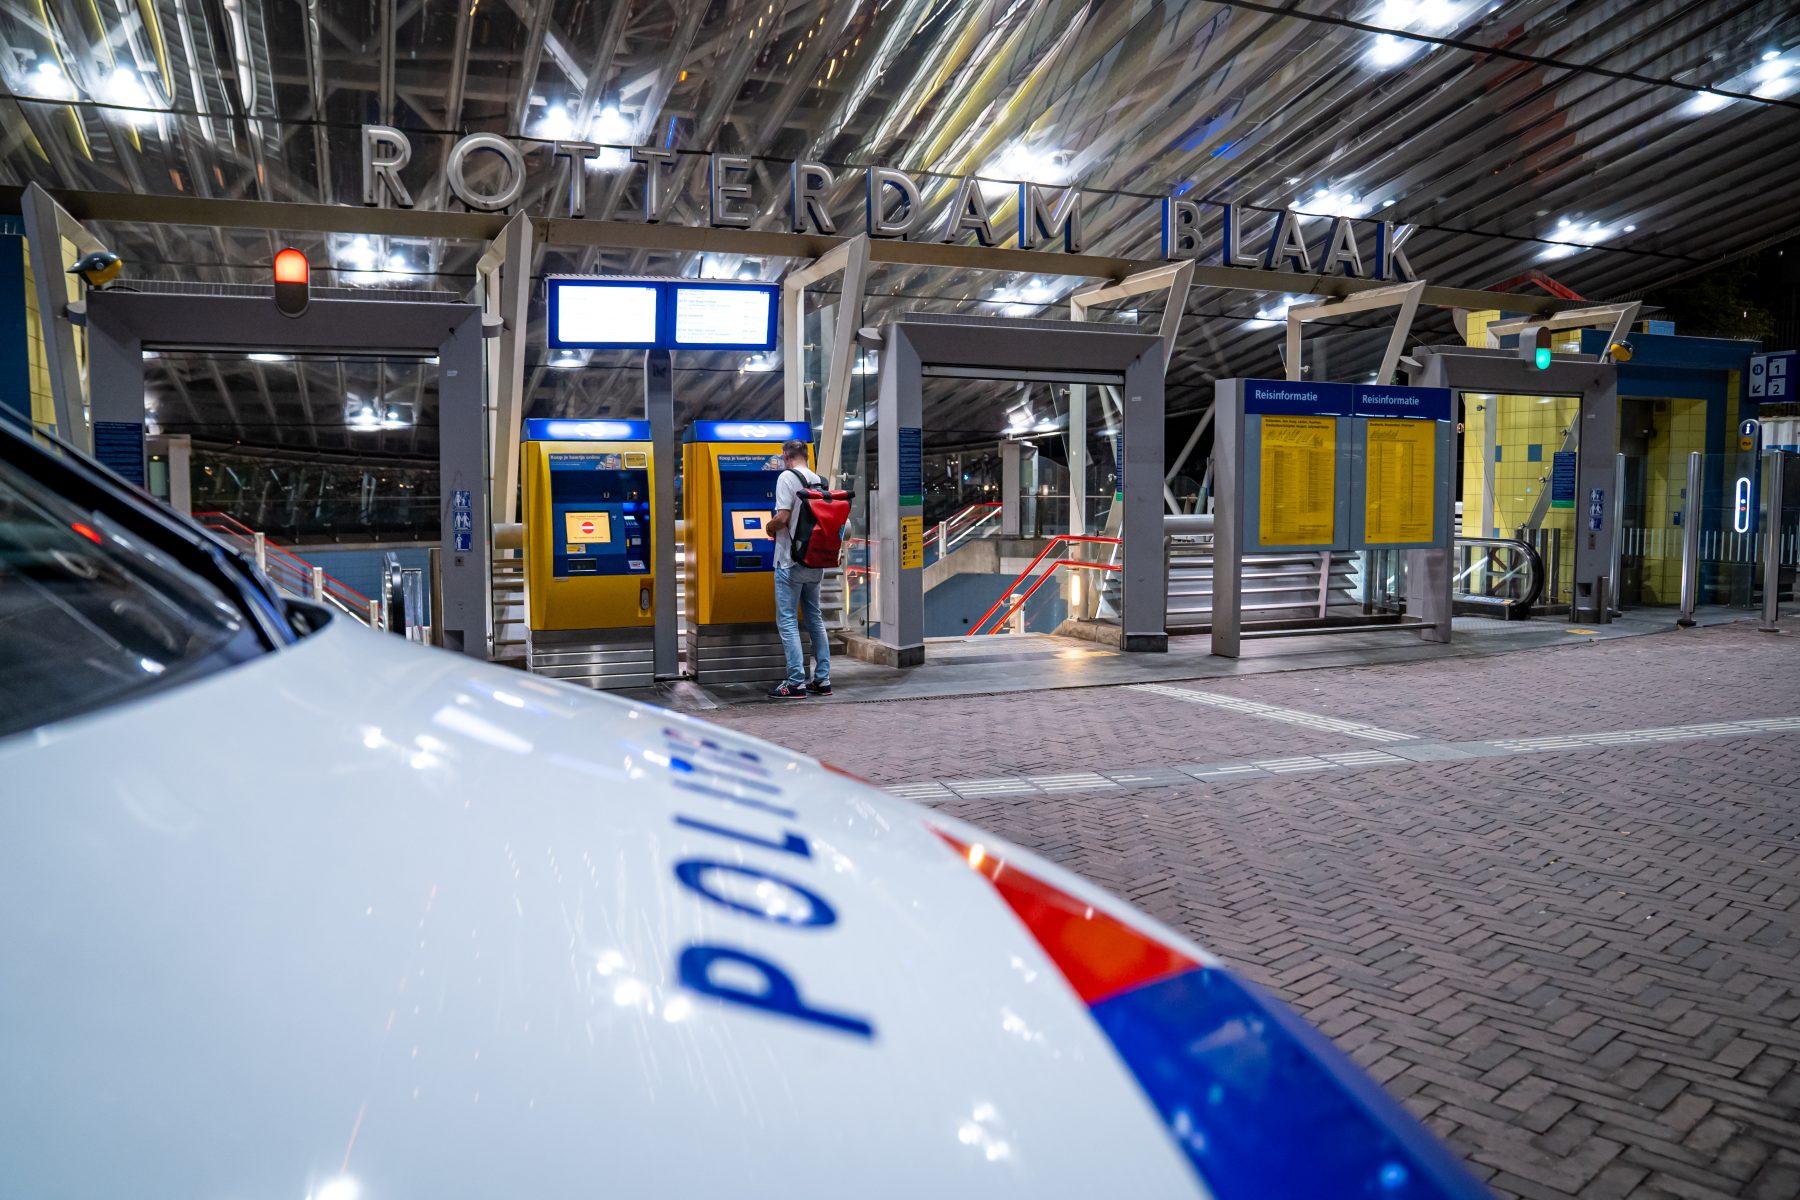 Een politieauto stopt voor station Rotterdam blaak, daar is een man in zijn gezicht geschoten